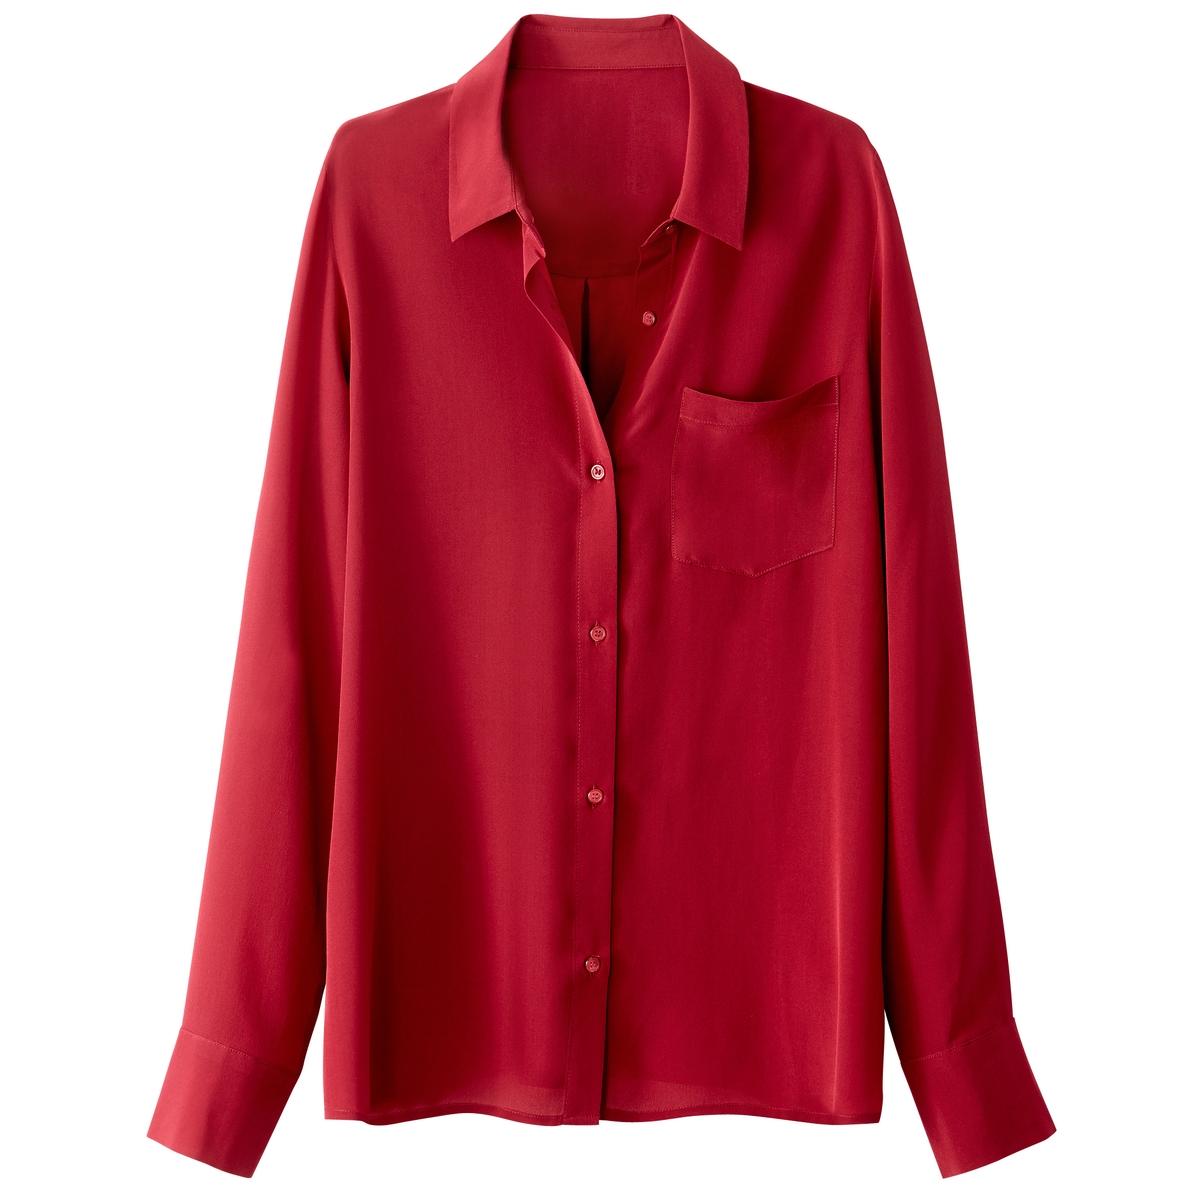 Рубашка из шелка с боковым карманомДетали •  Длинные рукава •  Приталенный покрой   •  Воротник-поло, рубашечный  •  Кончики воротника на пуговицахСостав и уход •  100% шелк •  Ручная стирка •  Сухая чистка и отбеливатели запрещены •  Не использовать барабанную сушку   •  Низкая температура глажки<br><br>Цвет: сливовый,темно-синий,экрю<br>Размер: 34 (FR) - 40 (RUS).38 (FR) - 44 (RUS).36 (FR) - 42 (RUS).40 (FR) - 46 (RUS).38 (FR) - 44 (RUS).34 (FR) - 40 (RUS).40 (FR) - 46 (RUS).38 (FR) - 44 (RUS).46 (FR) - 52 (RUS).40 (FR) - 46 (RUS).36 (FR) - 42 (RUS)